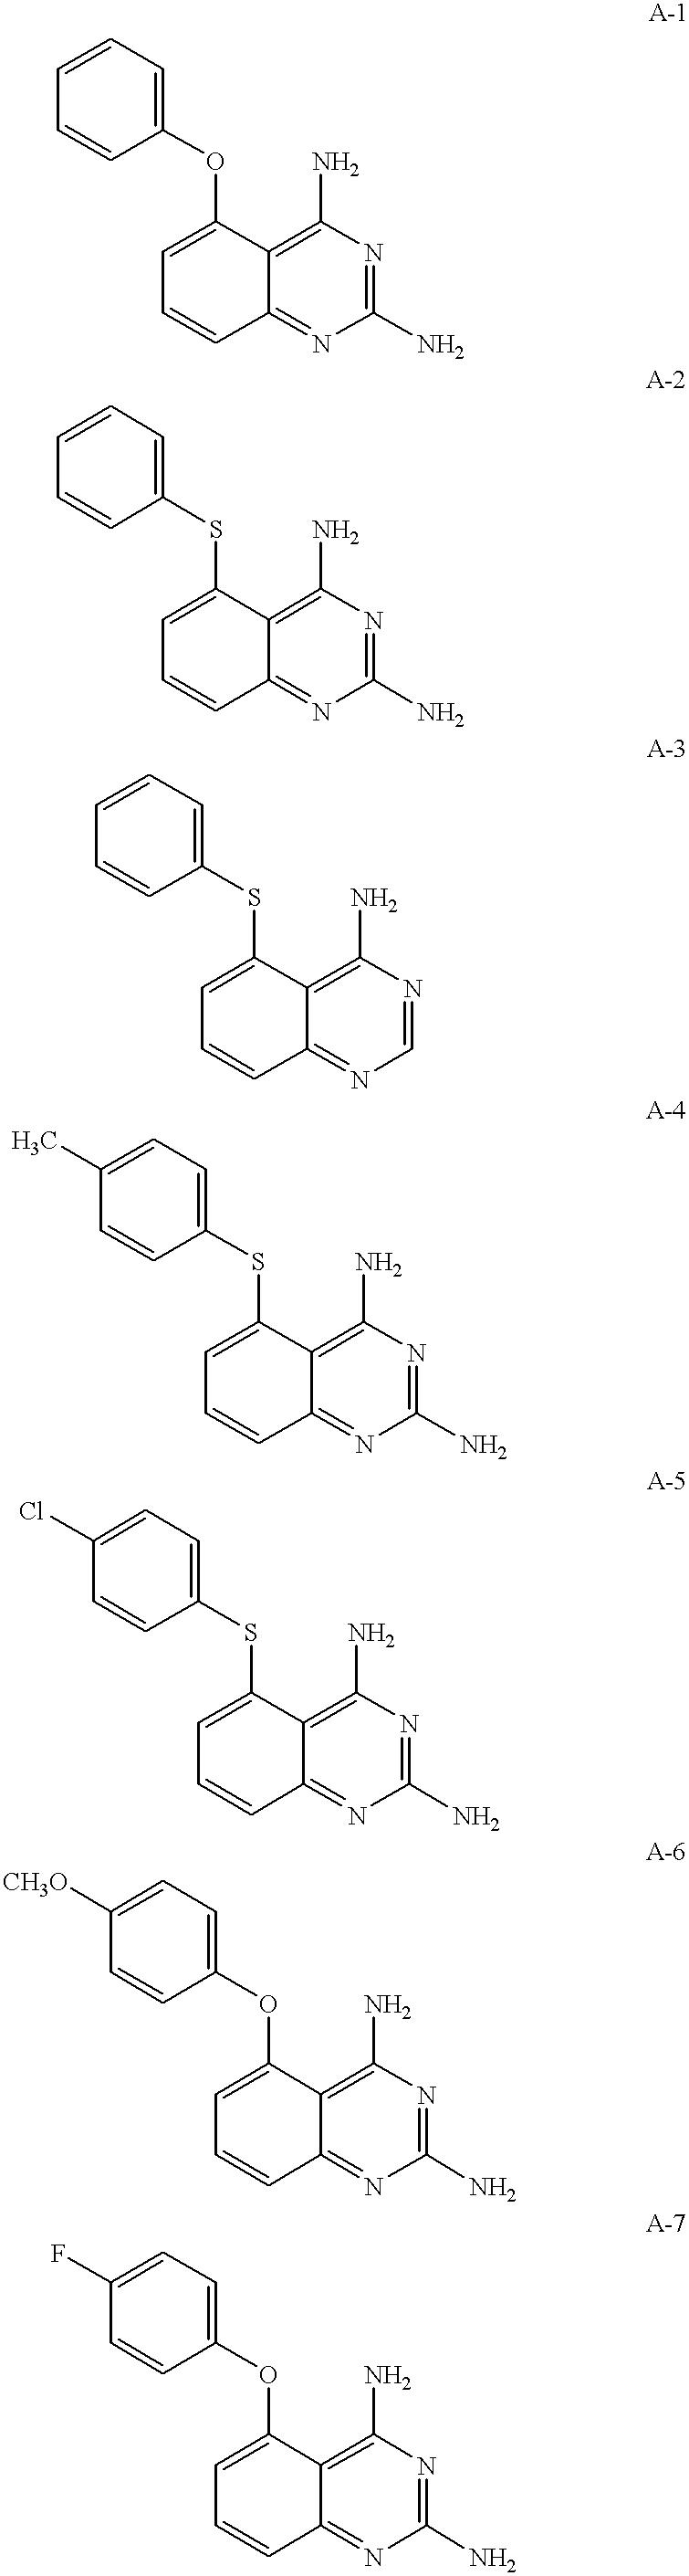 Figure US20010014679A1-20010816-C00007